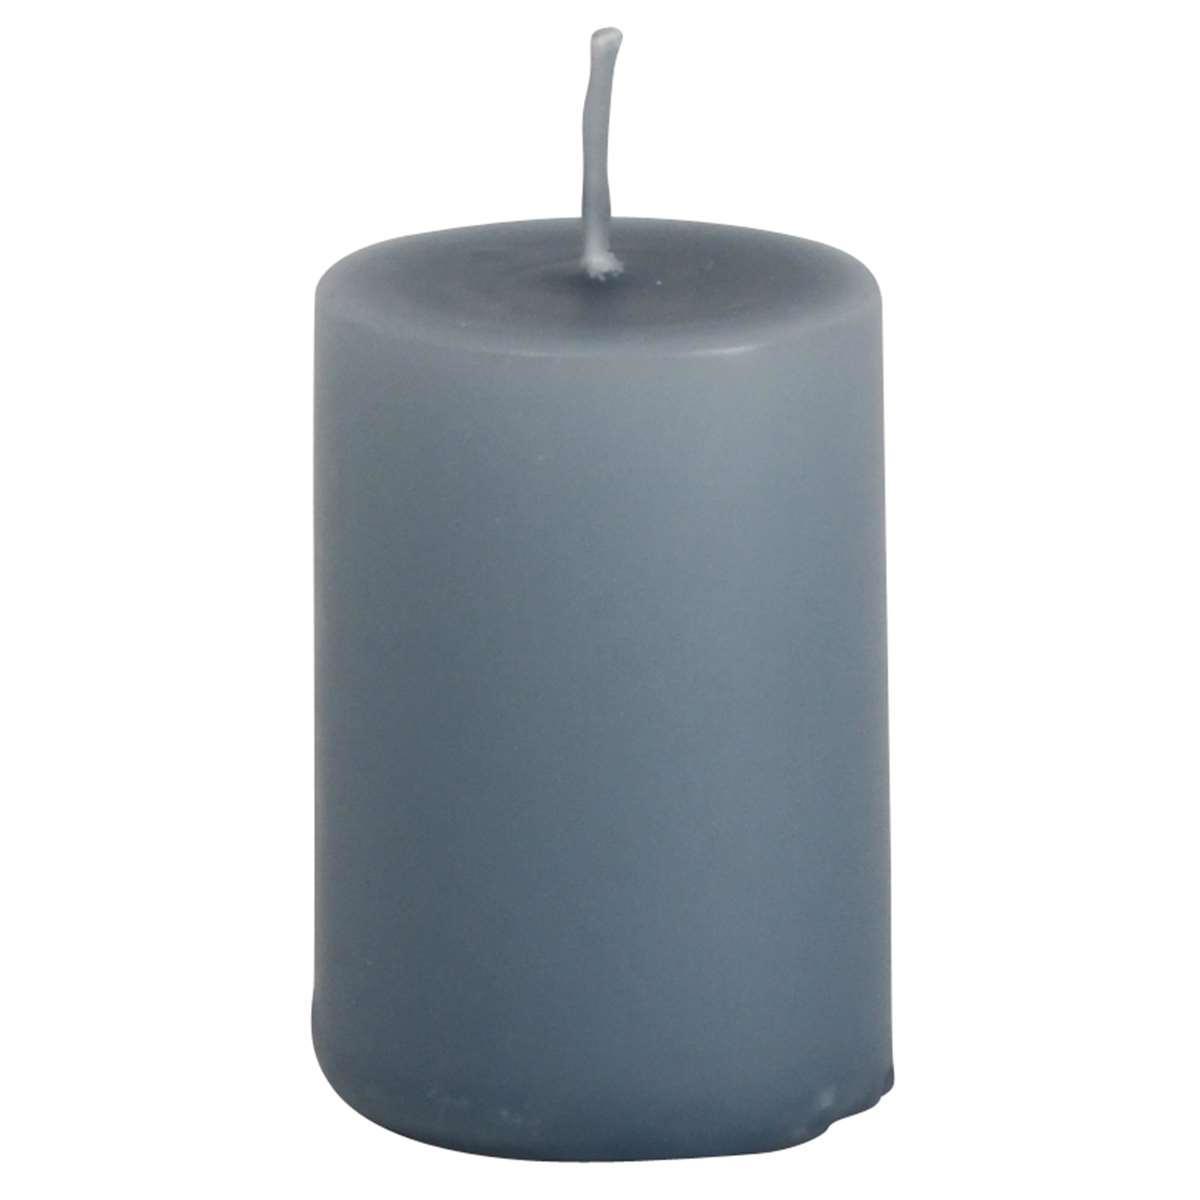 IB LAURSEN Svíčka Pigeon blue 6 cm, modrá barva, vosk